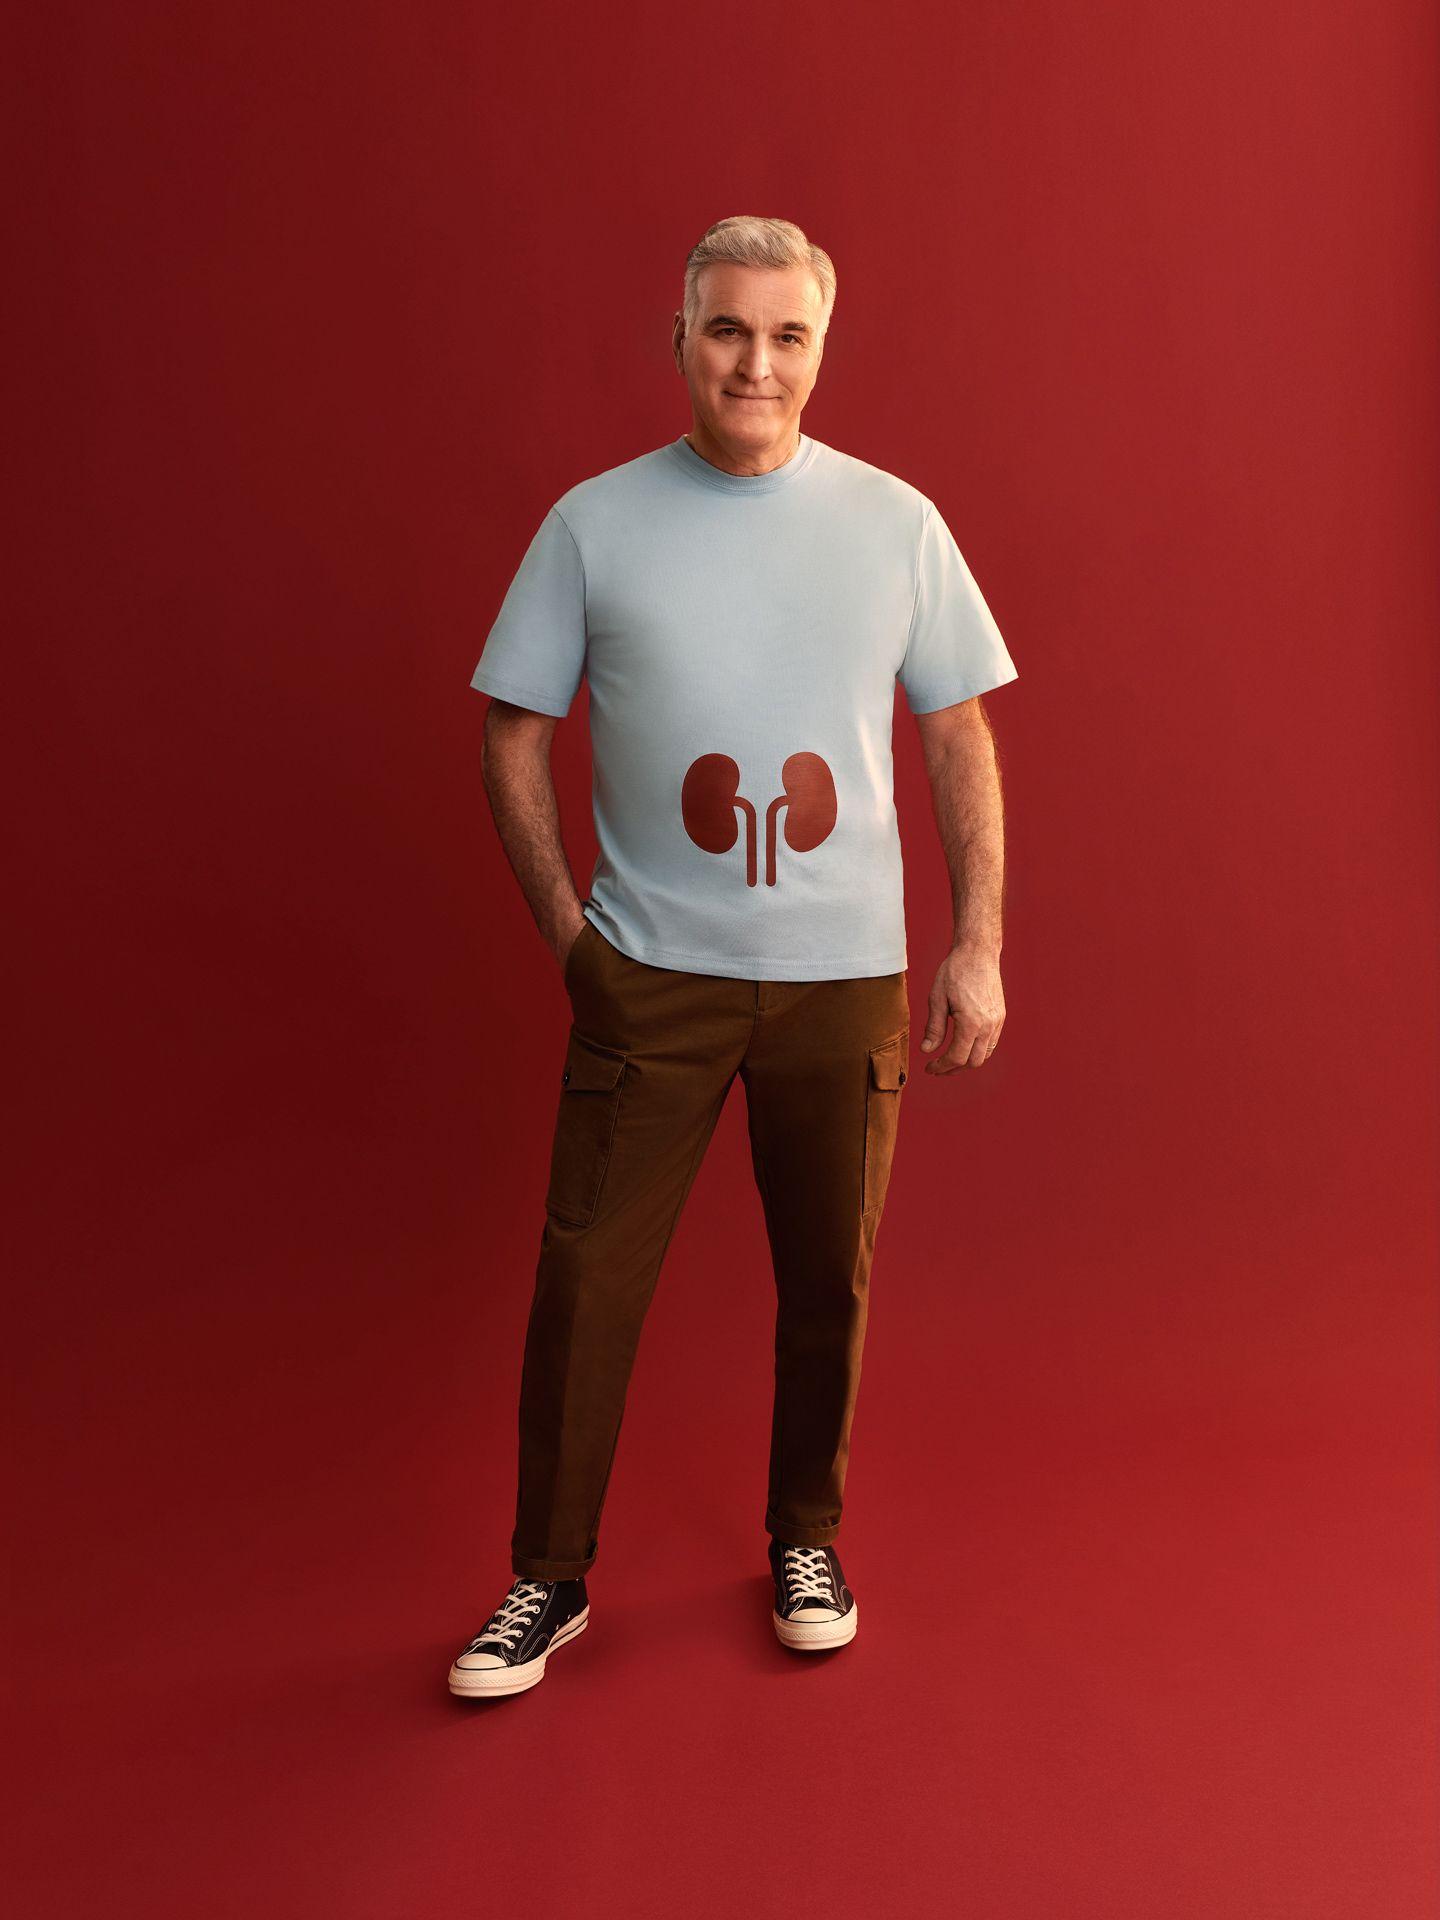 Homme aux cheveux gris portant un t-shirt bleu pâle sur lequel sont imprimés des reins. Il est debout sur un fond rouge sang.